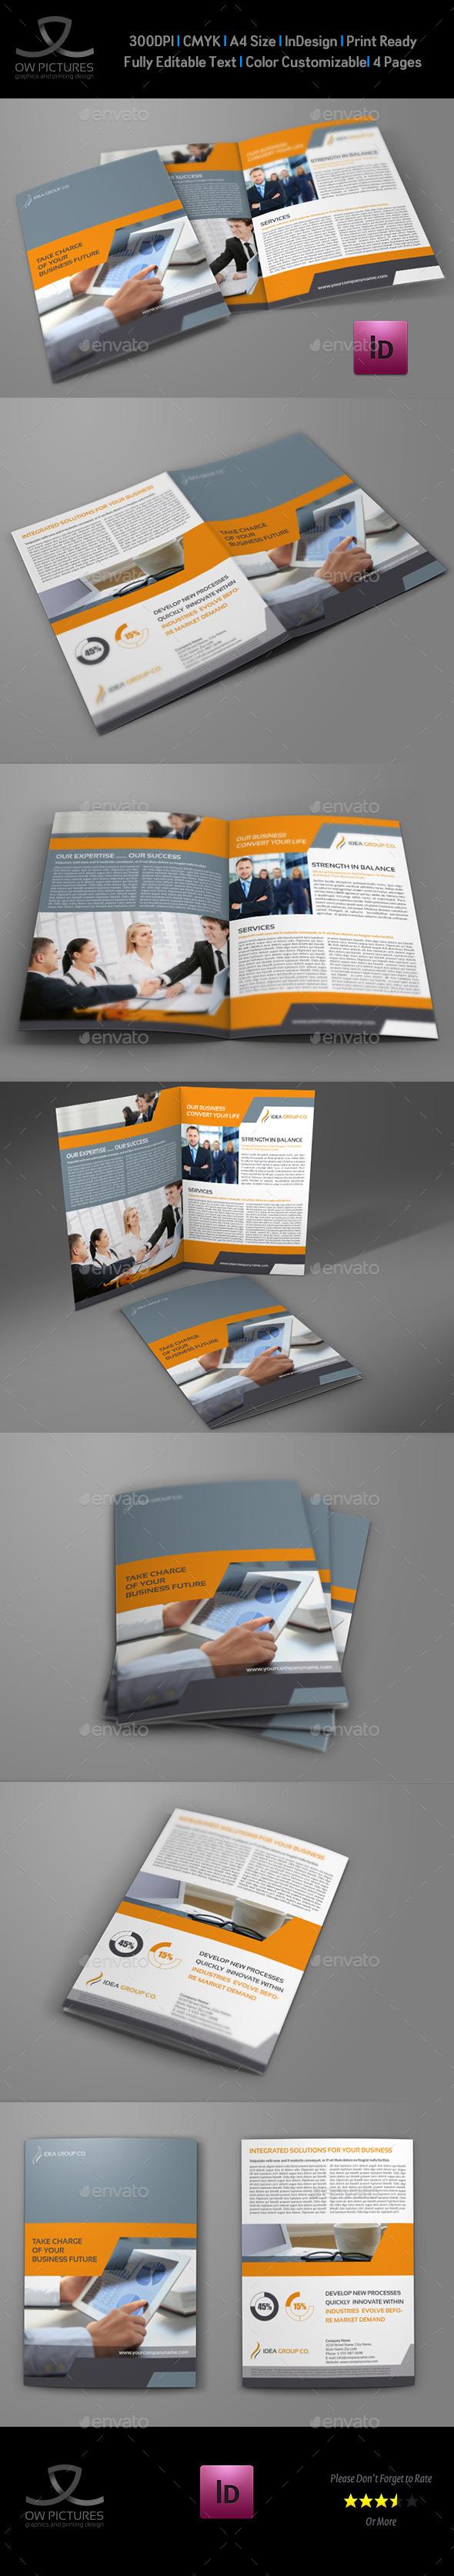 GraphicRiver Company Brochure Bi-Fold Template Vol.34 9120536